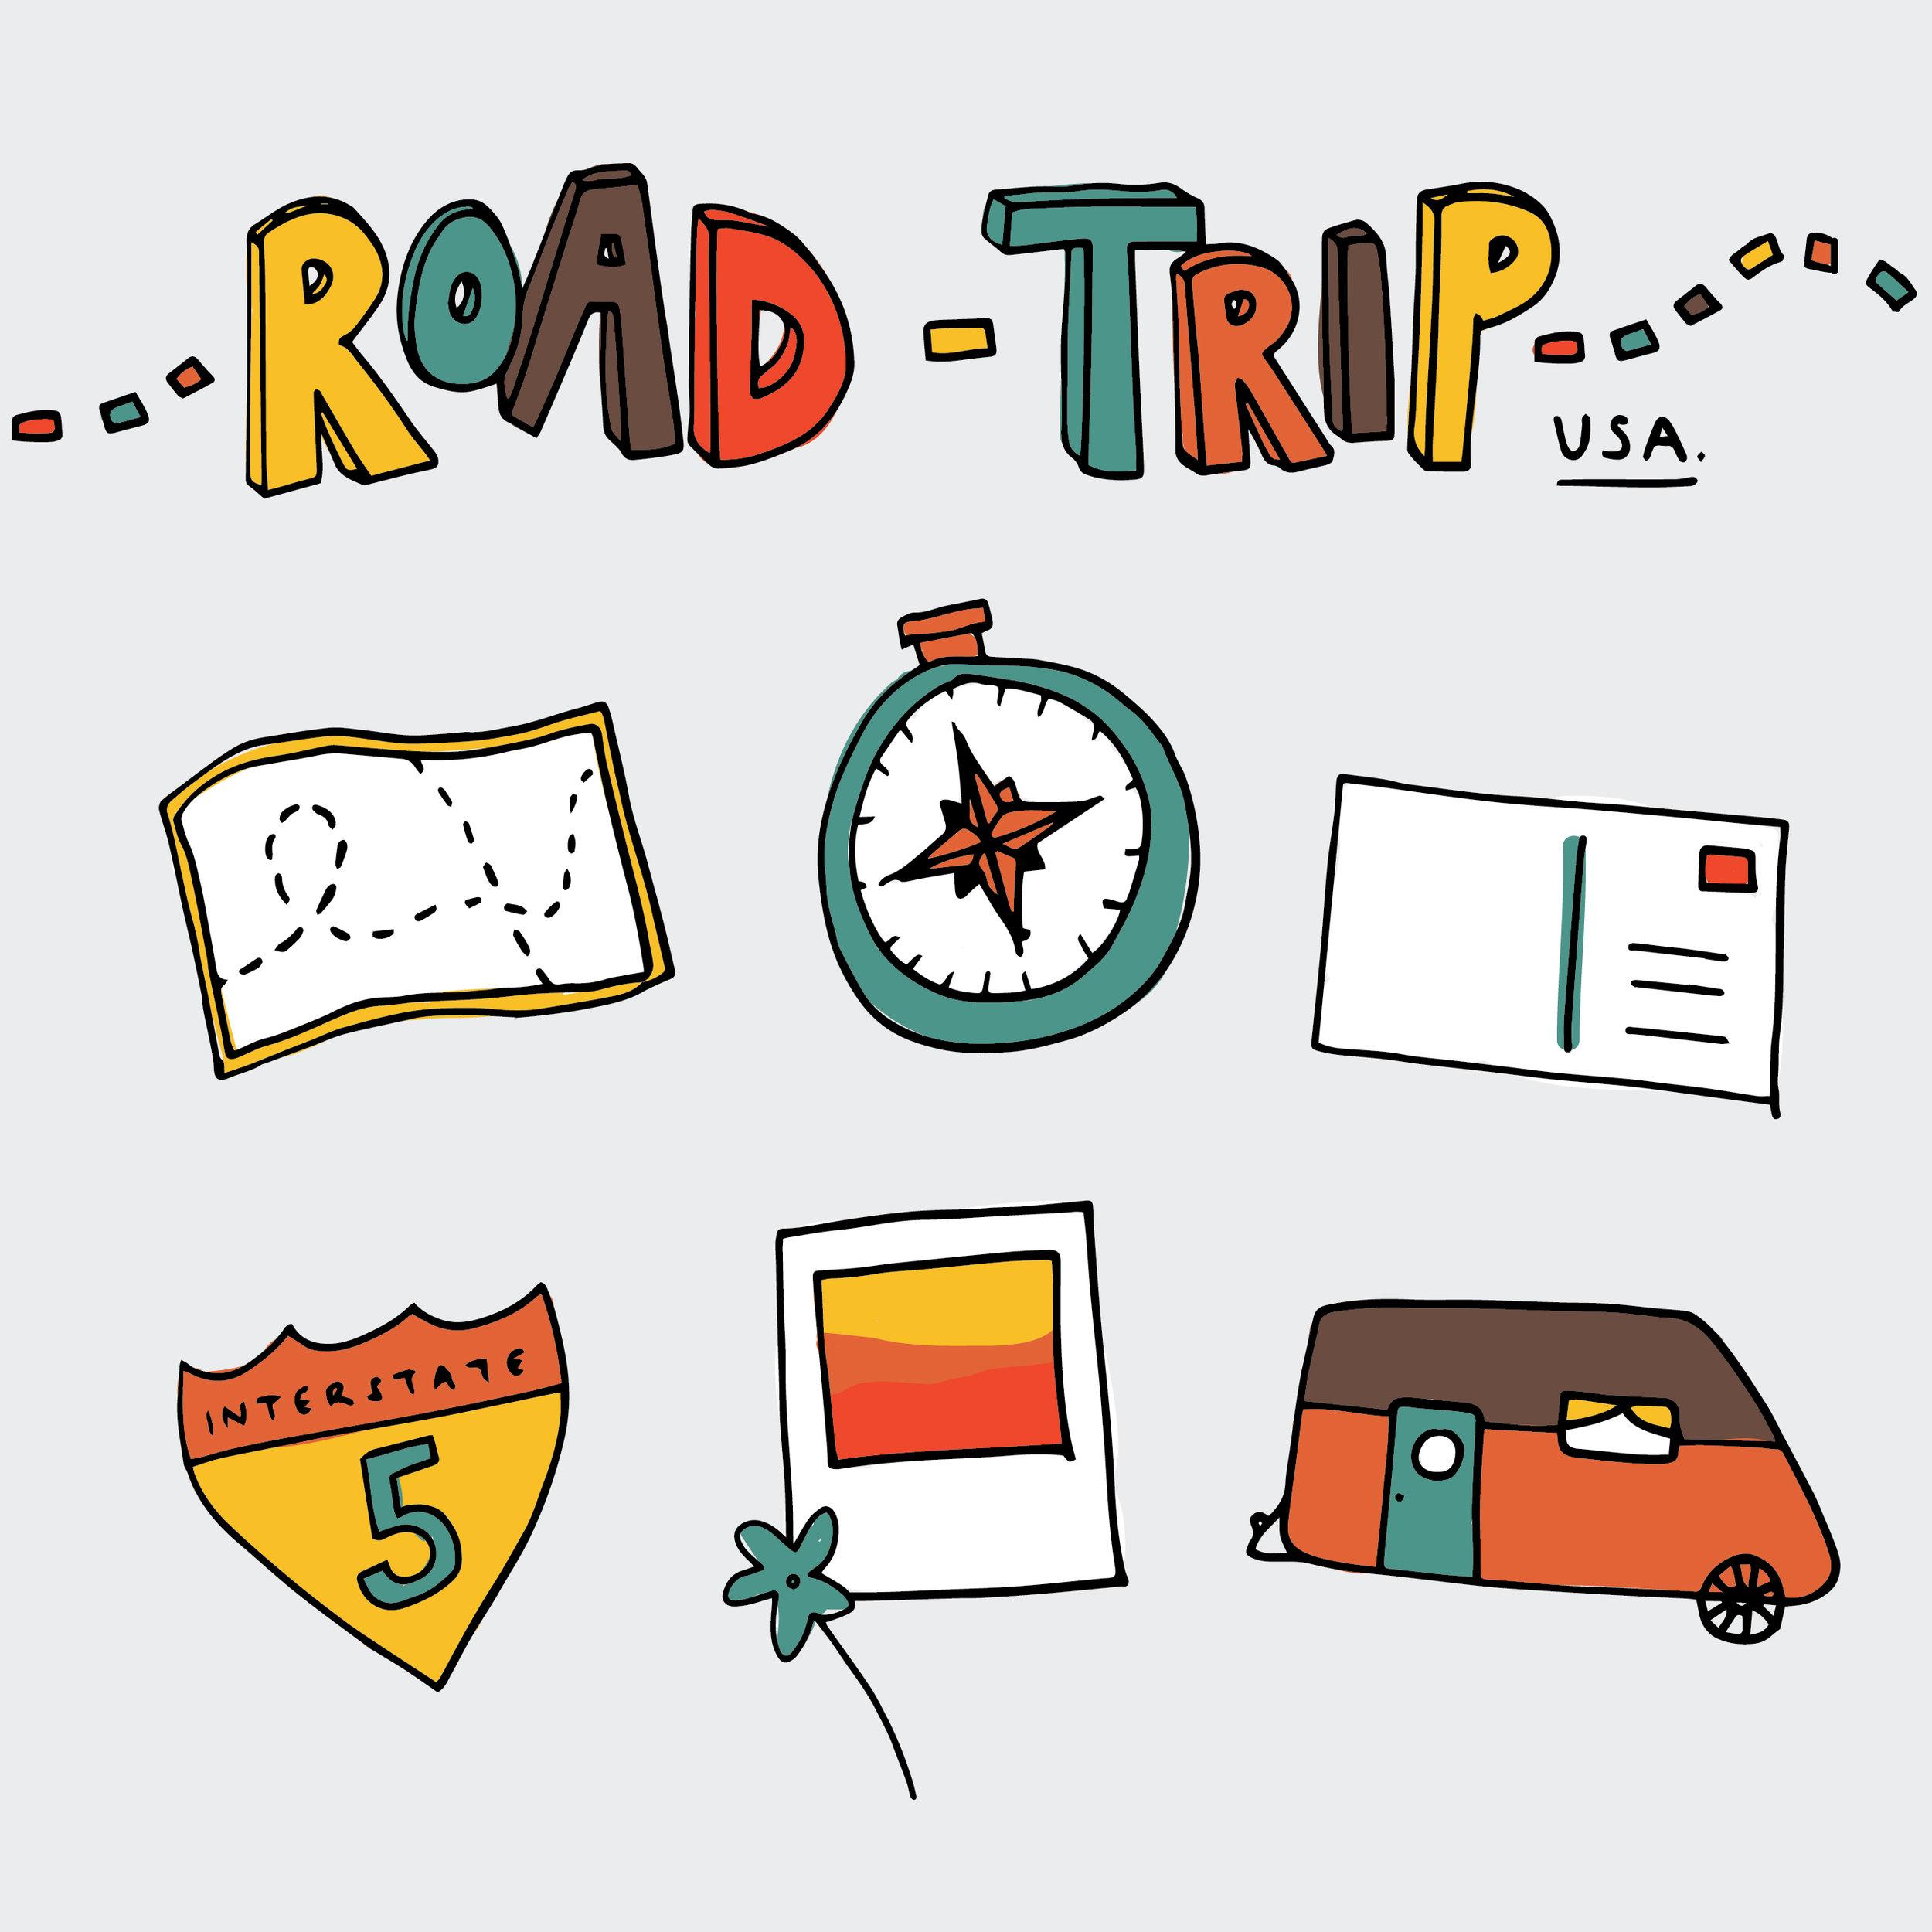 RoadTrip_Master.jpg